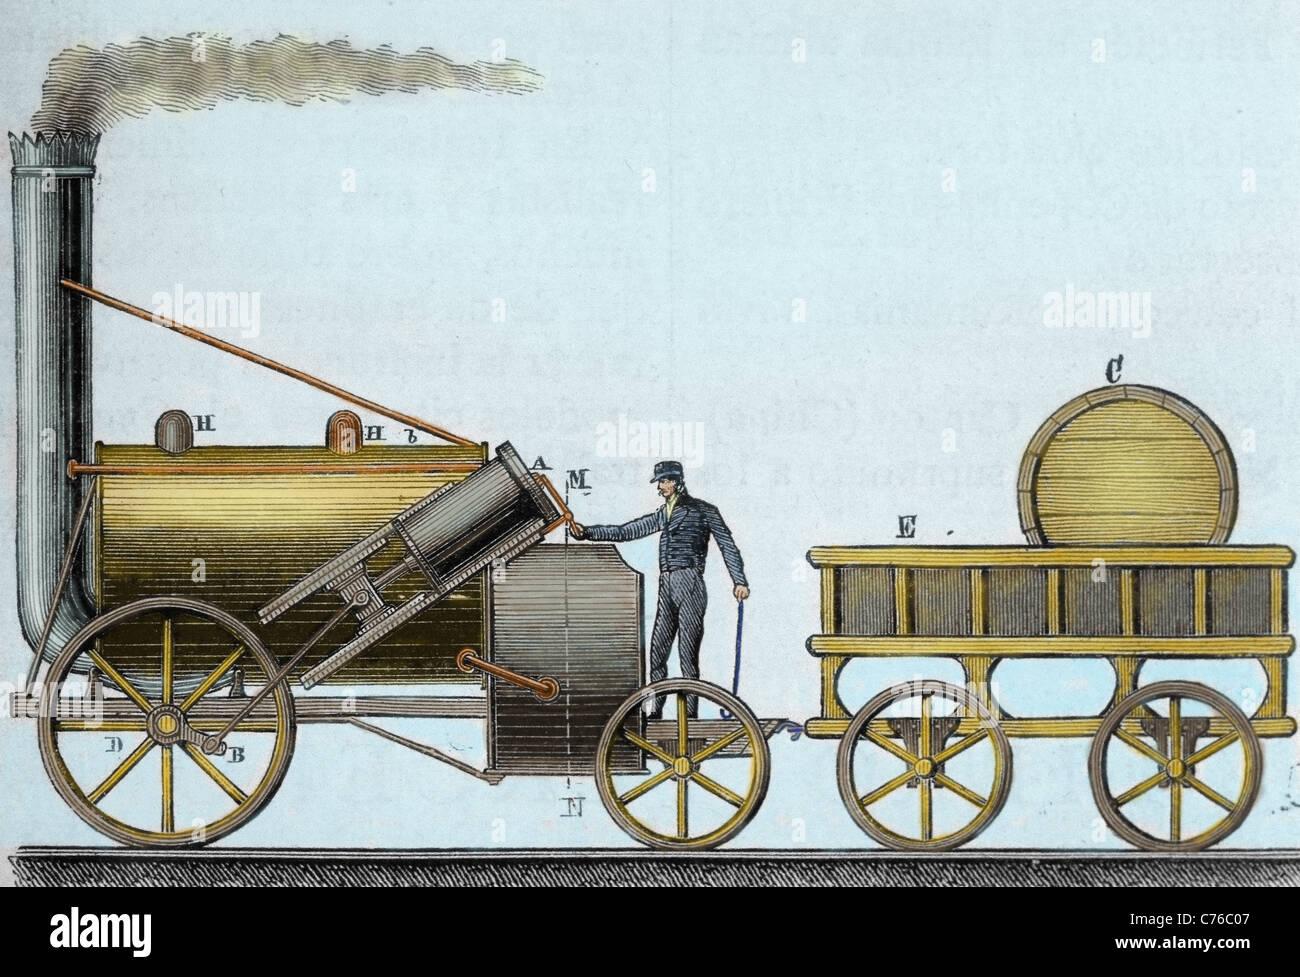 George Stephenson Rocket Stock Photos & George Stephenson